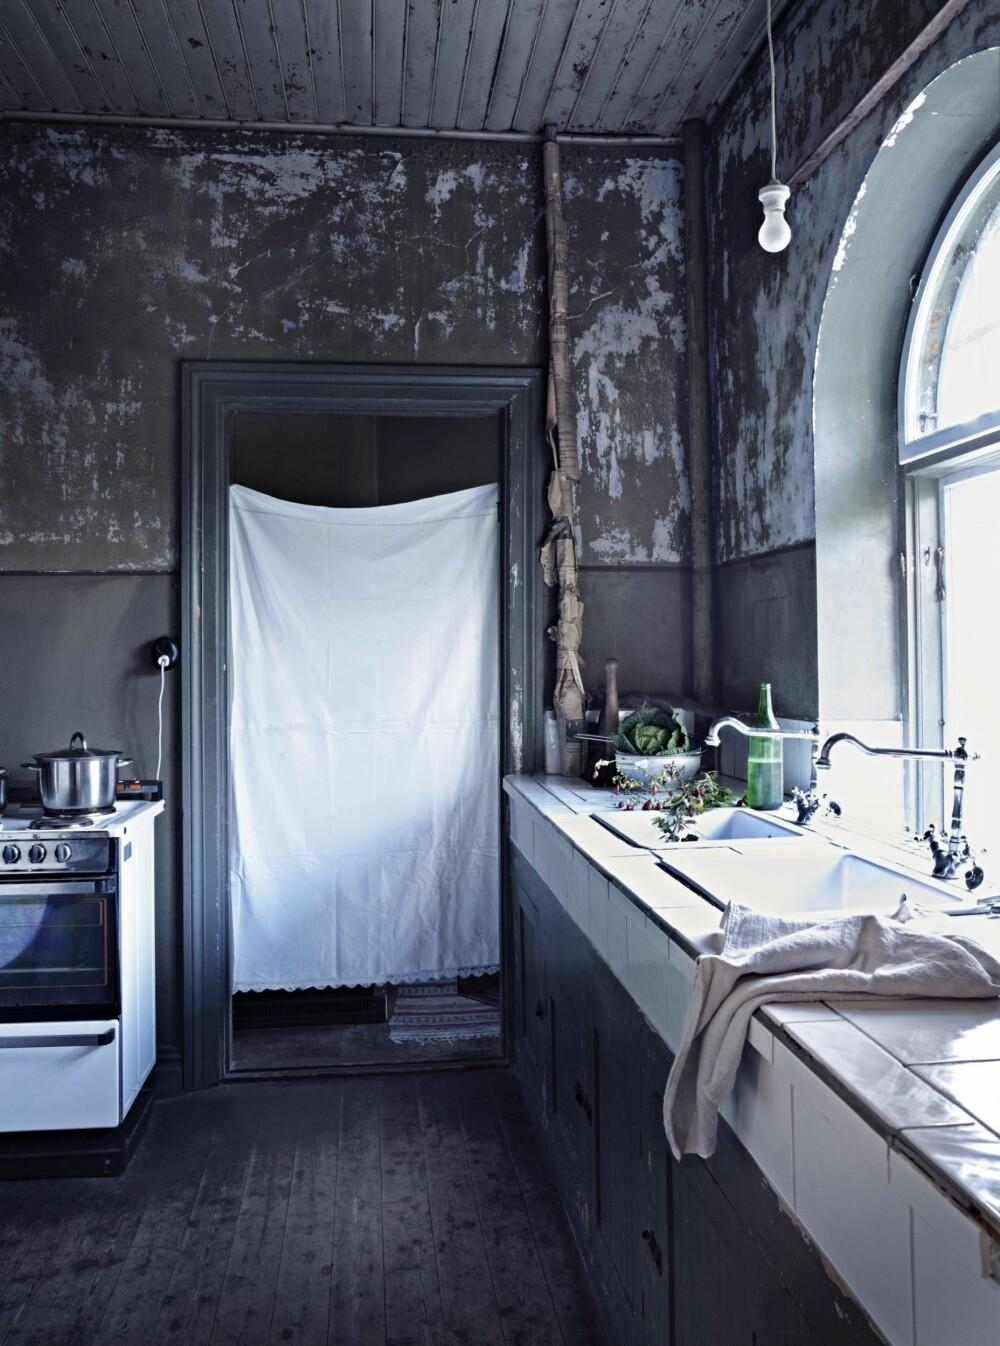 PRAKTISK: På kjøkkenet ble det bygget en oppvaskbenk som er belagt med fliser, slik at kjøkkenet skulle bli litt mer praktisk.